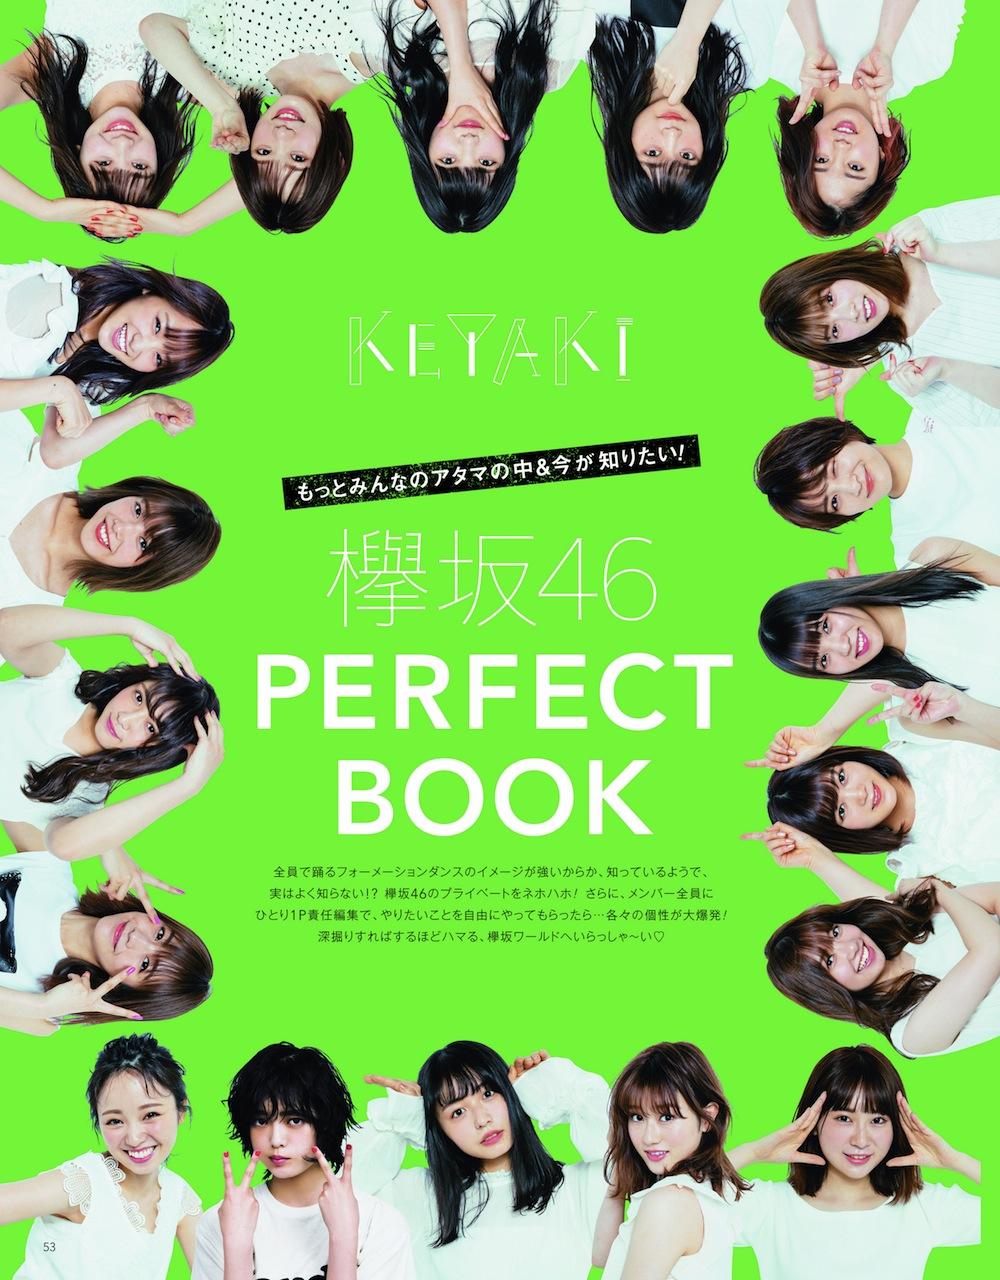 「欅坂46 PERFECT BOOK」